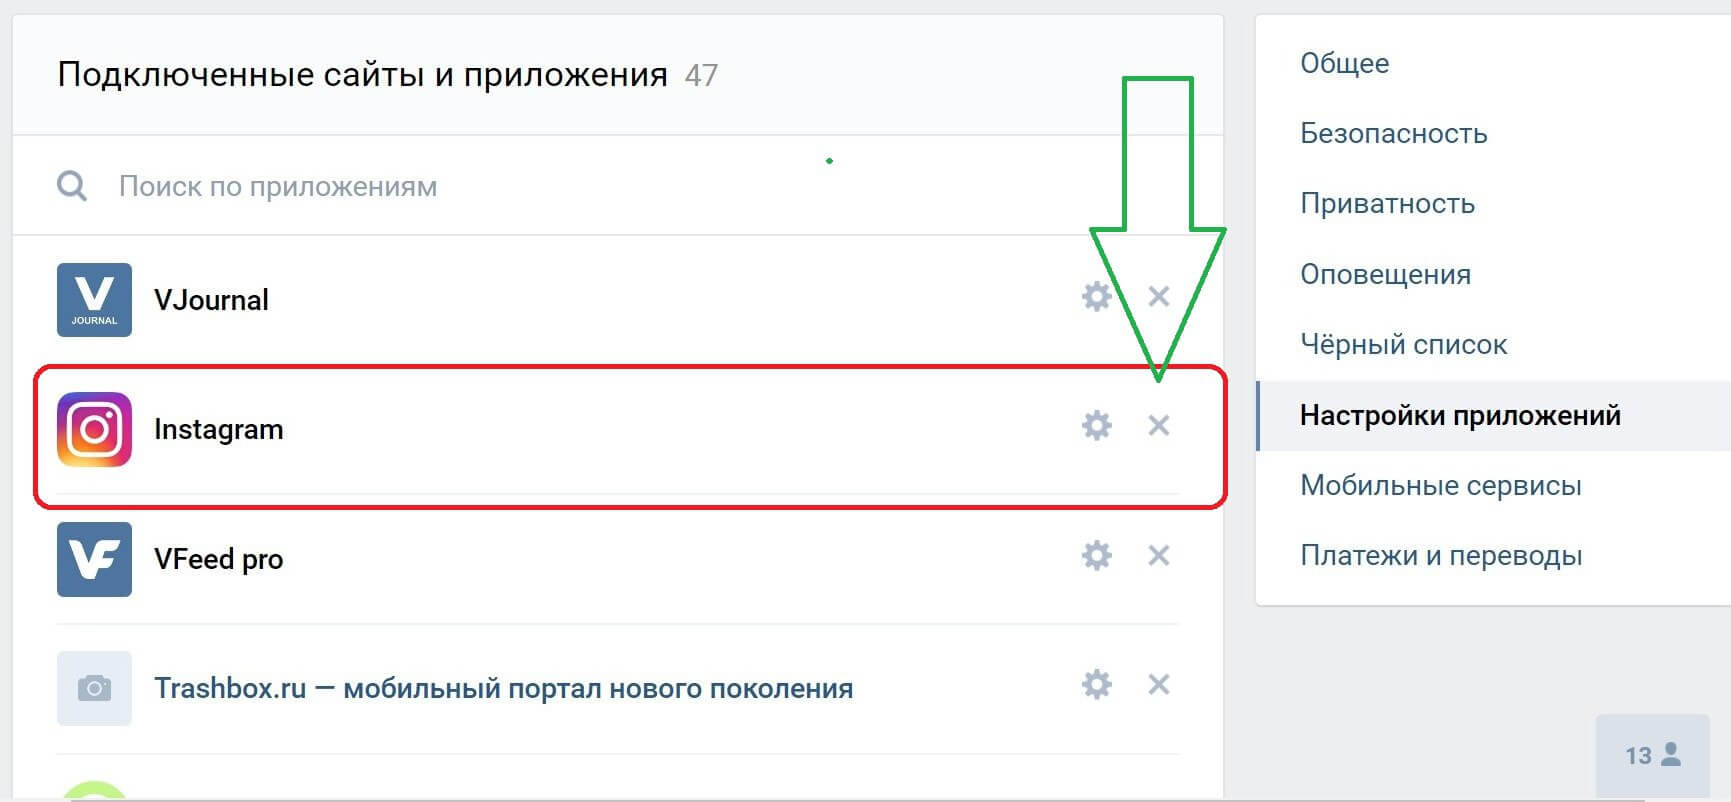 почему не публикуются фото из инстаграм вконтакте